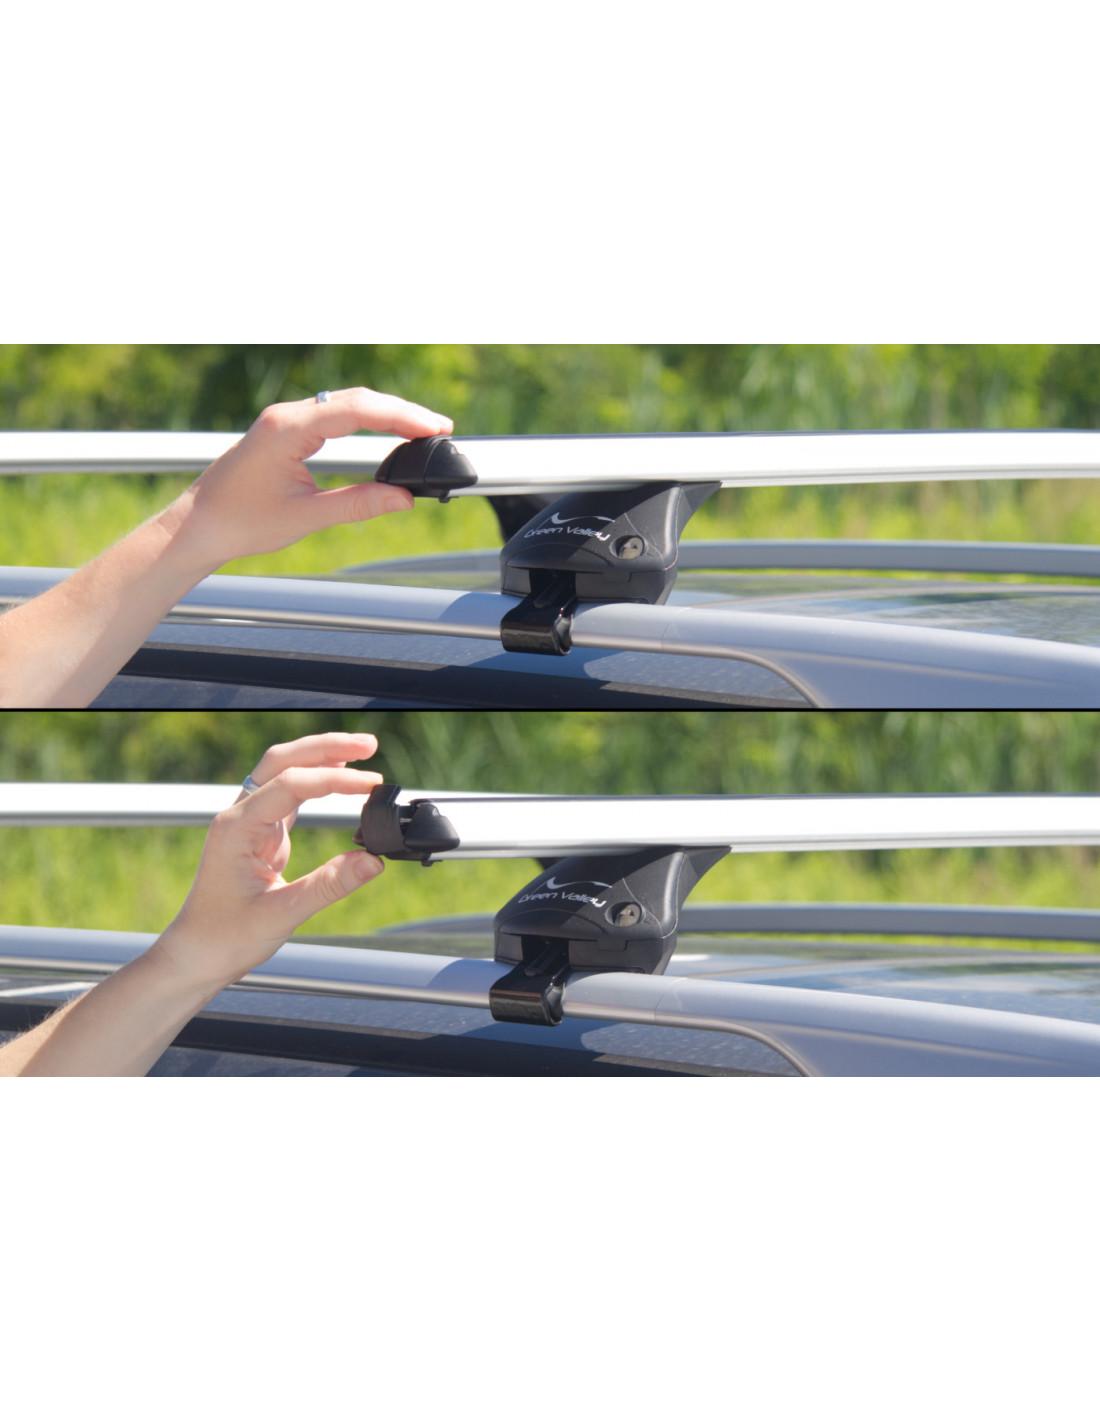 Hak holowniczy przykręcany Citroen Xsara Picasso (5 drzwi